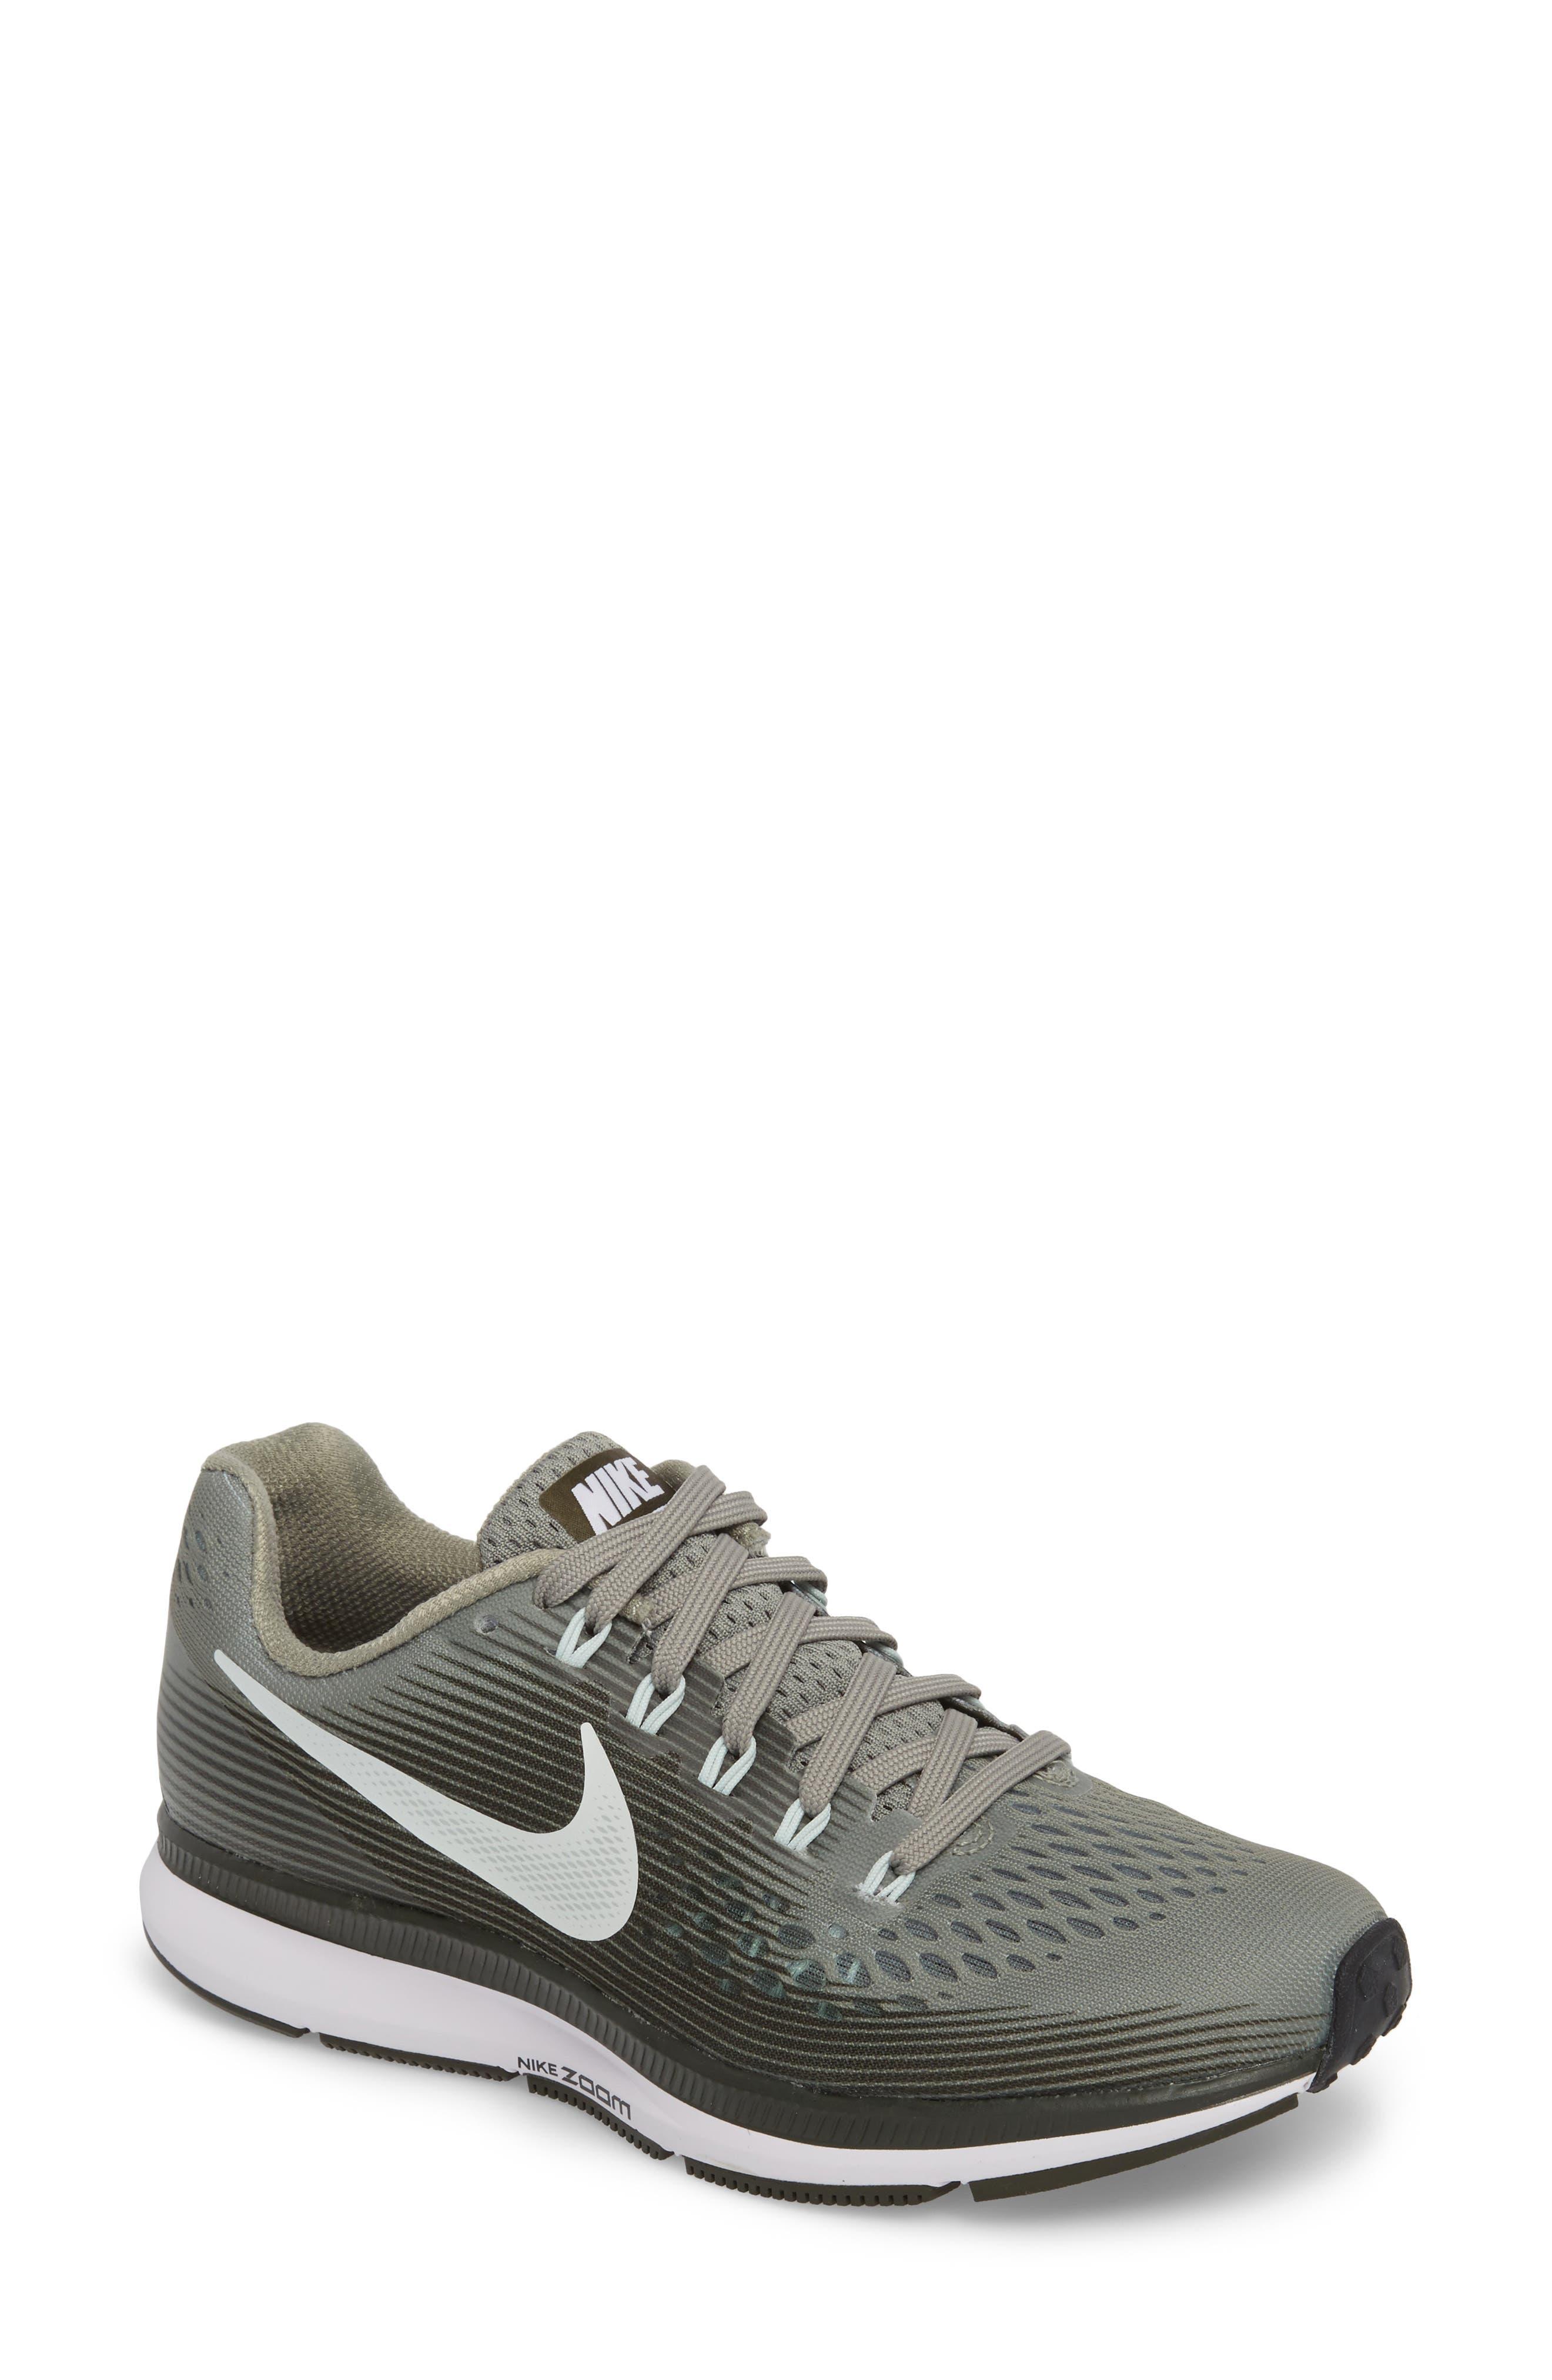 Main Image - Nike Air Zoom Pegasus 34 Running Shoe (Women)